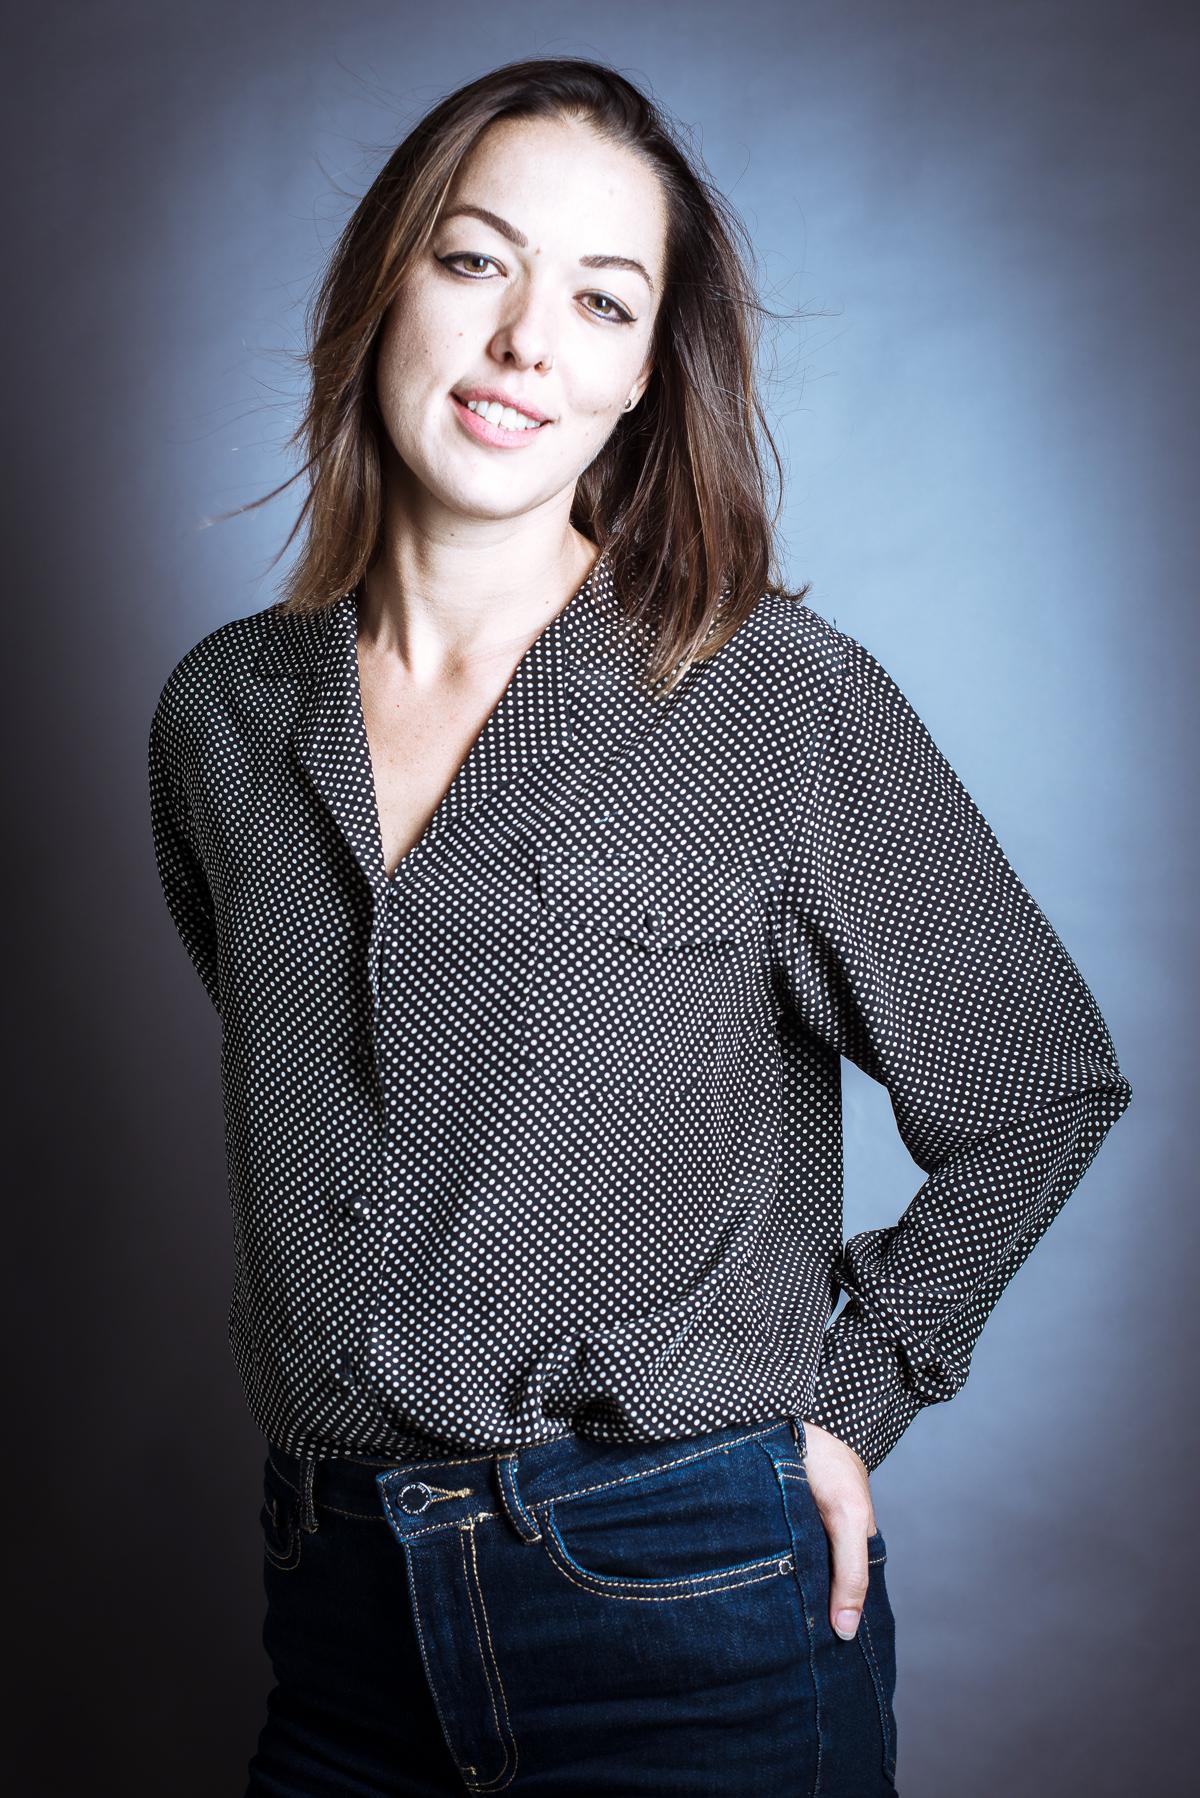 Kayley Moore